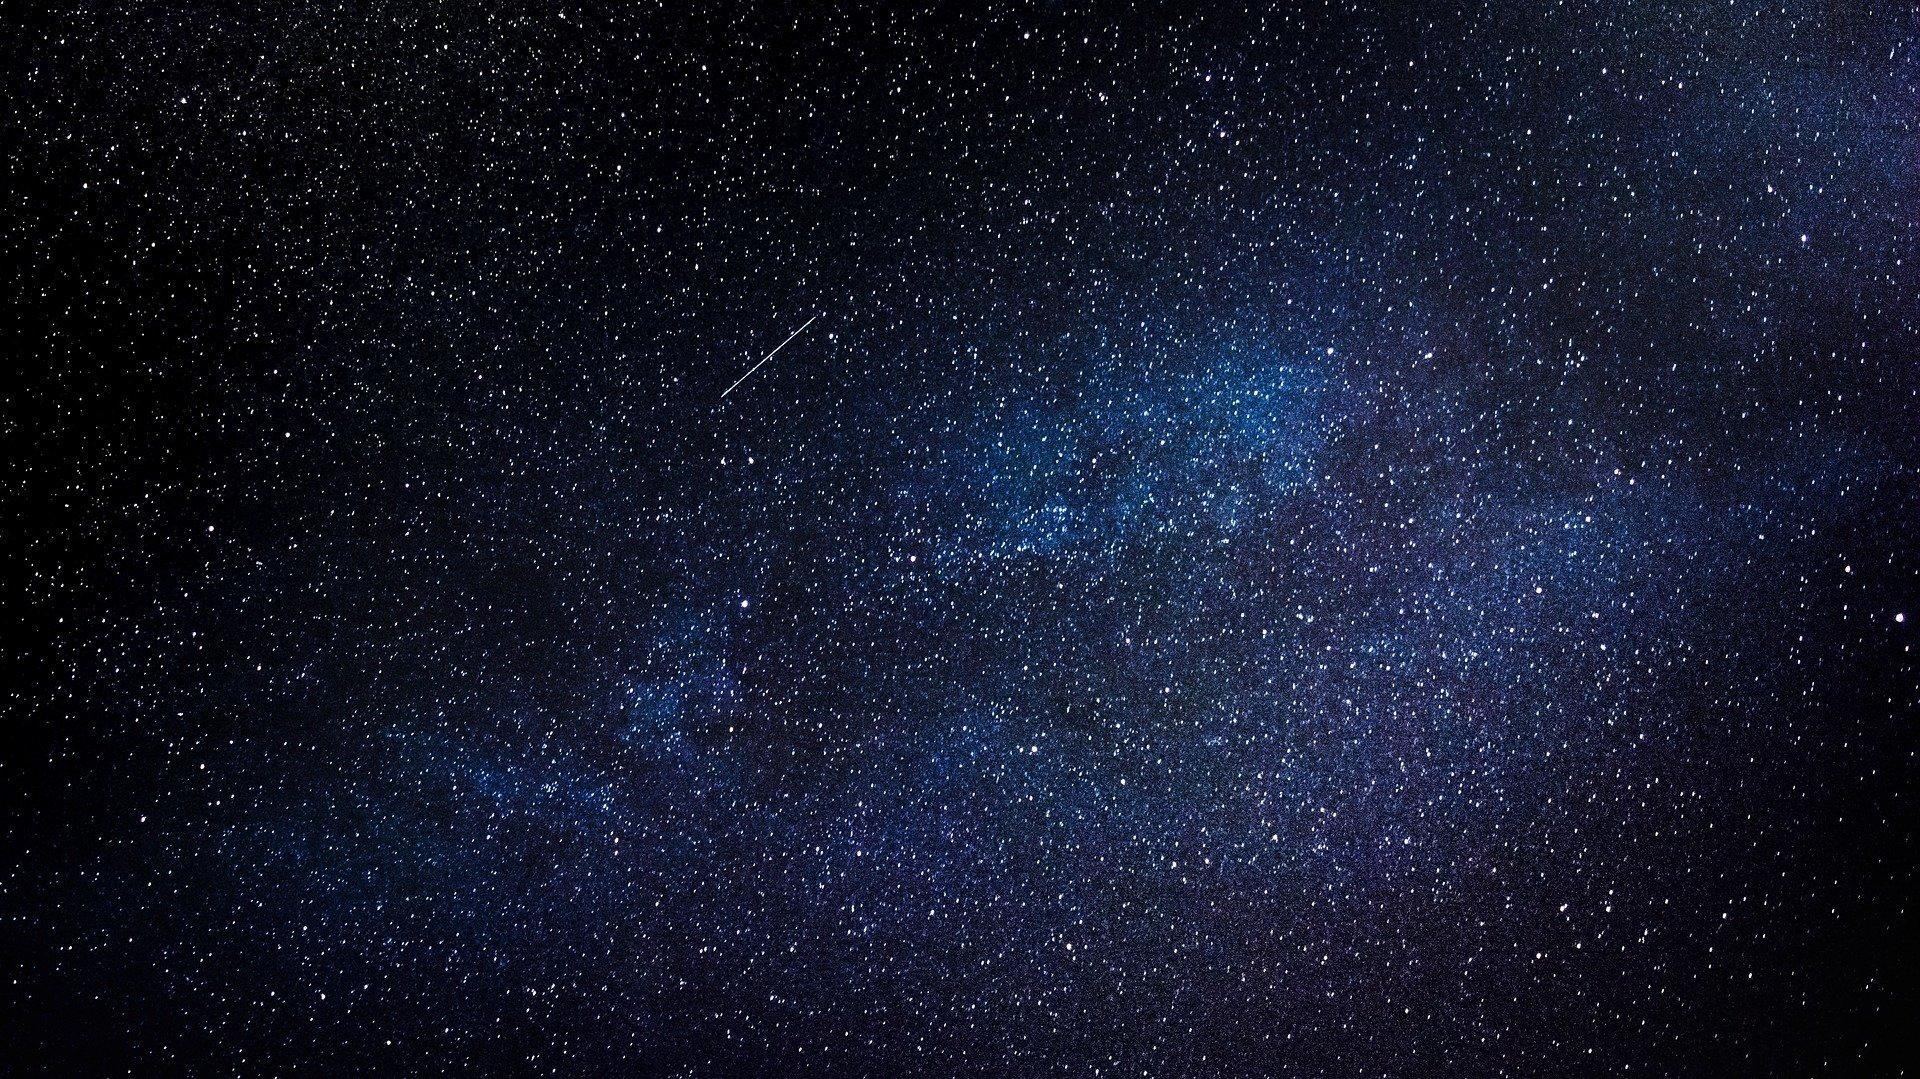 So siehst du einen glühenden Meteor am Himmel fliegen. Man nennt das auch Sternschnuppe.